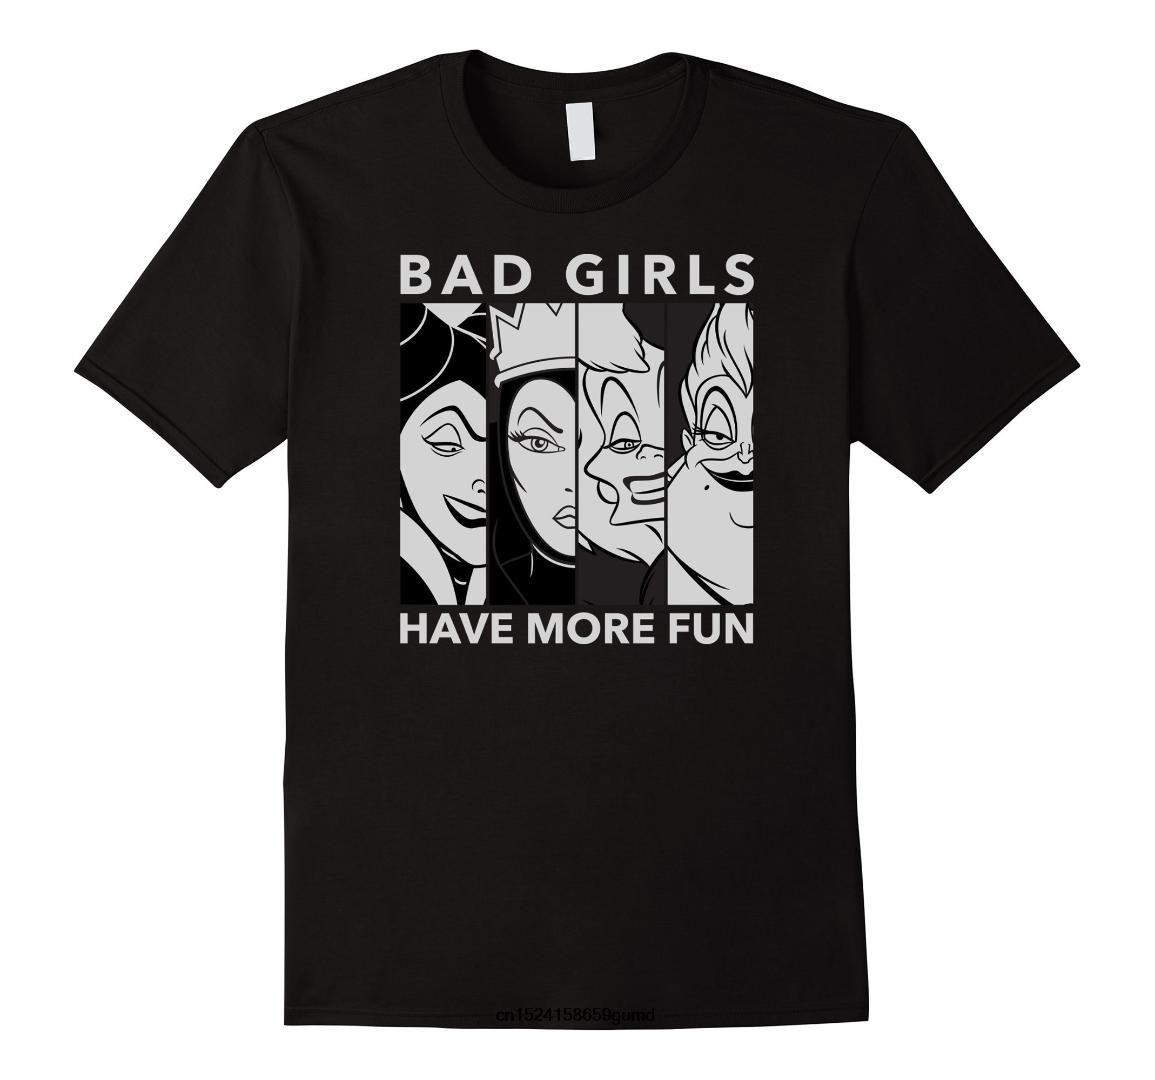 Komik Erkekler T Gömlek Kadınlar Yenilik Tshirt Kötüler Kötü Kız T Gömlek Erkekler Baskı Pamuk O Boyun Gömlek